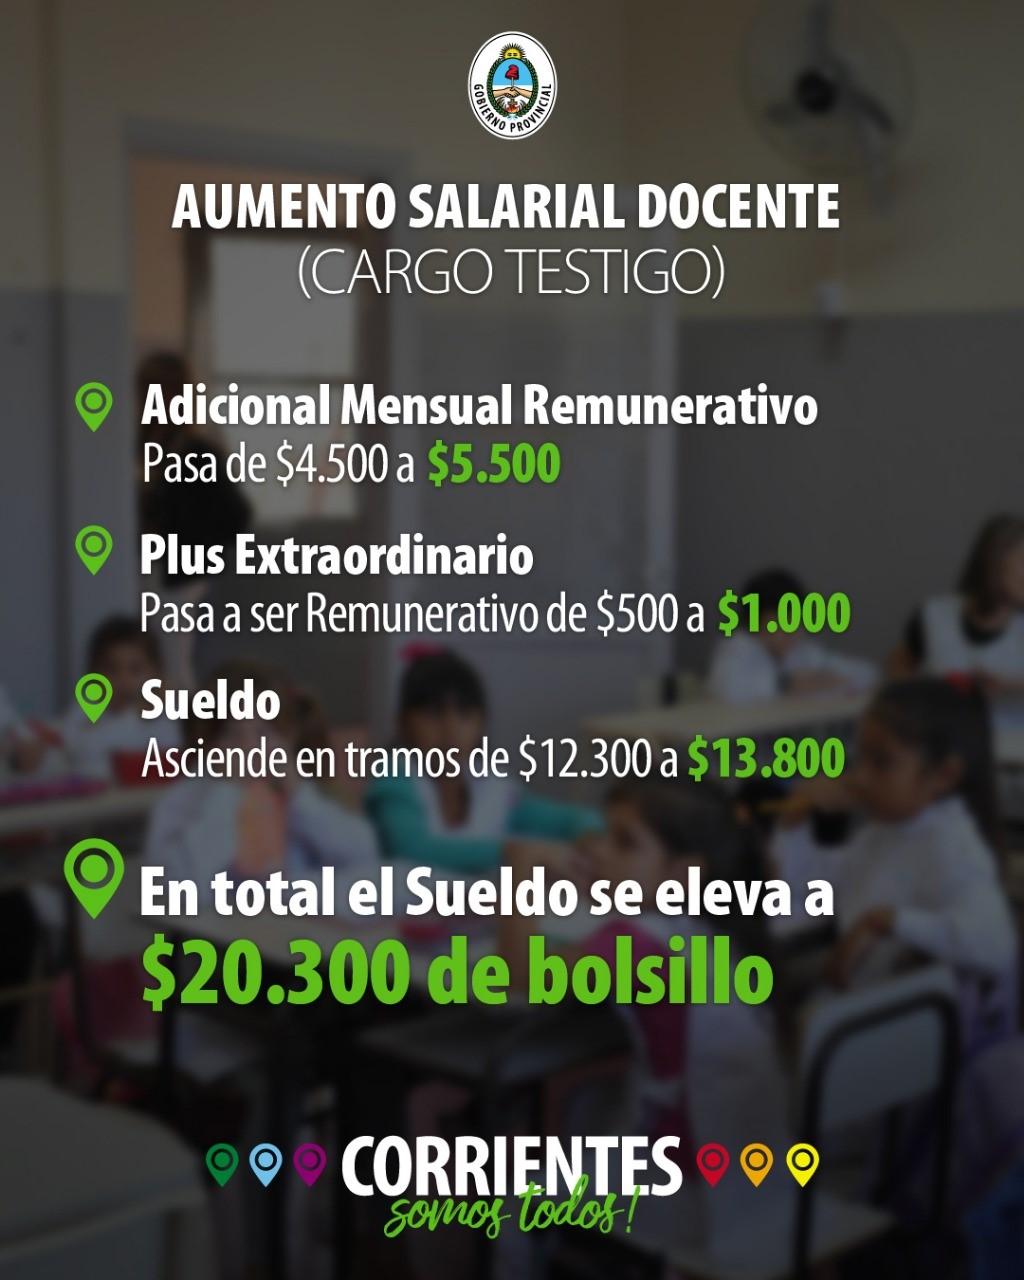 El Gobierno Provincial ratifica que el sueldo Inicial sin antigüedad y salario familiar es de $20.300